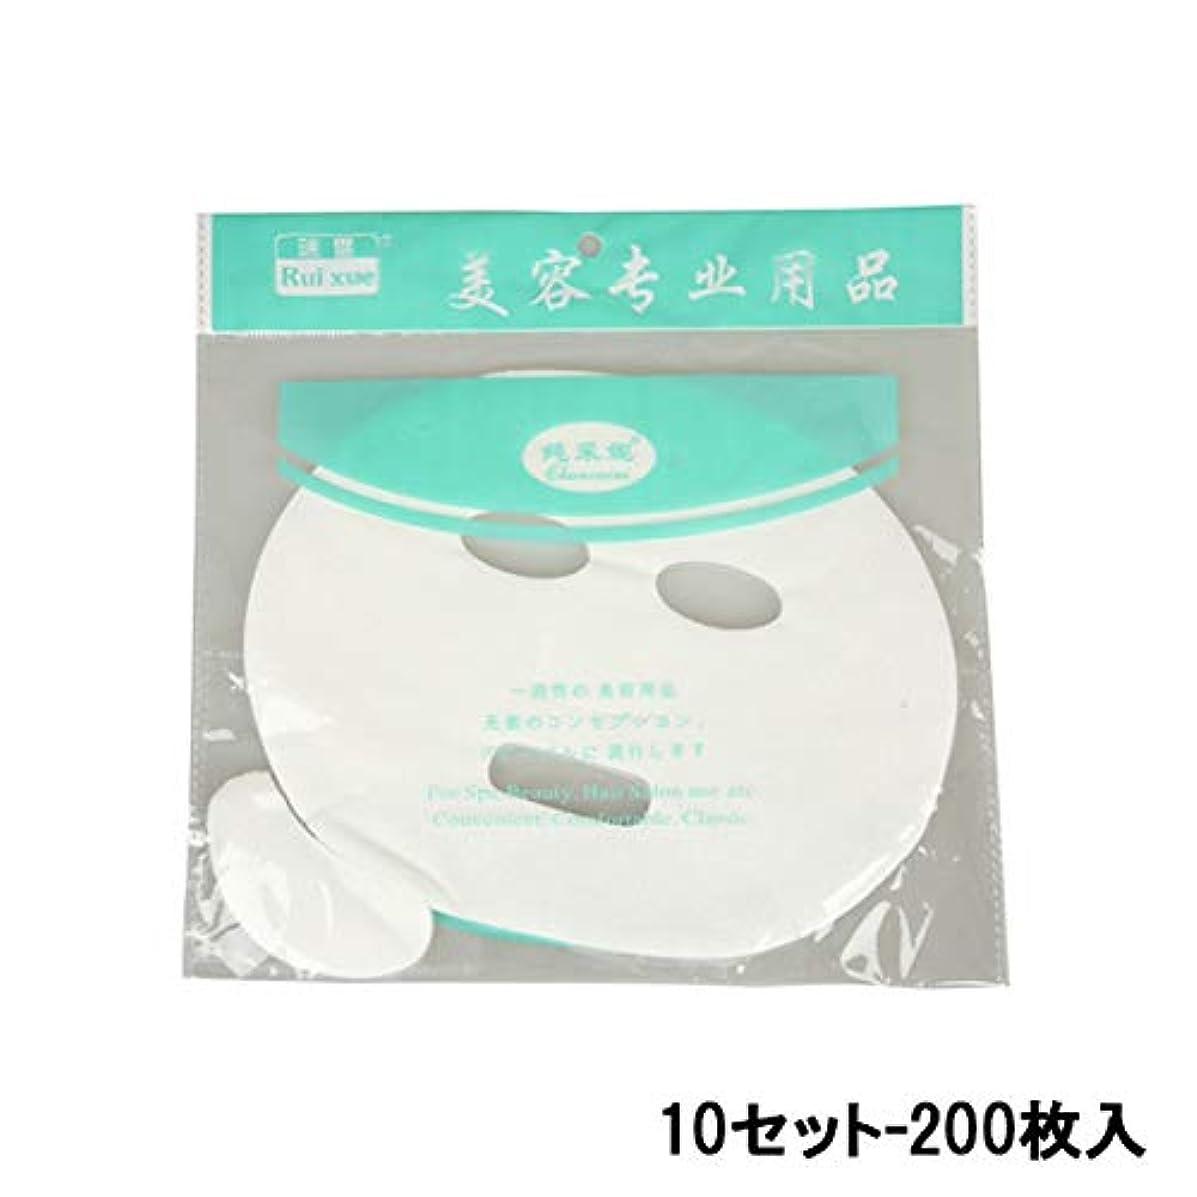 擬人化マーケティング裕福なフェイシャルシート (やや厚手タイプ) 20枚入 23.5×19cm (10セット-200枚入) [ フェイスマスク フェイスシート フェイスパック フェイシャルマスク フェイシャルパック ローションマスク ローションパック...